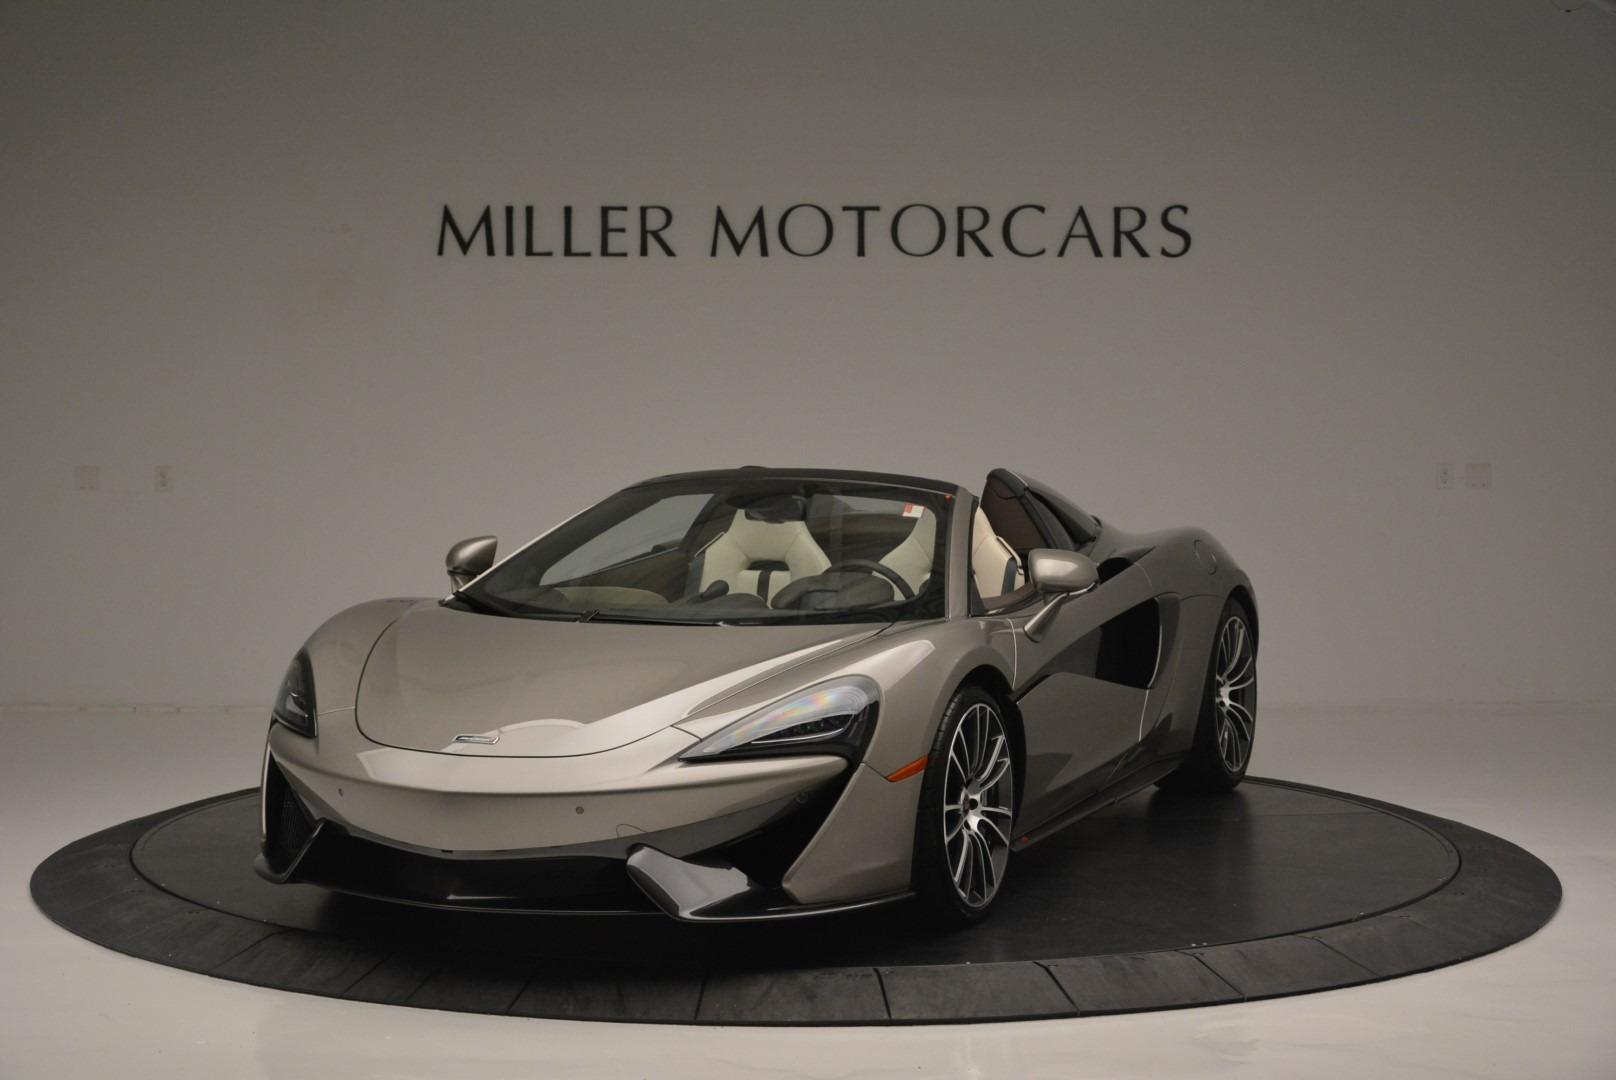 New 2018 McLaren 570S Spider For Sale In Westport, CT 2387_main